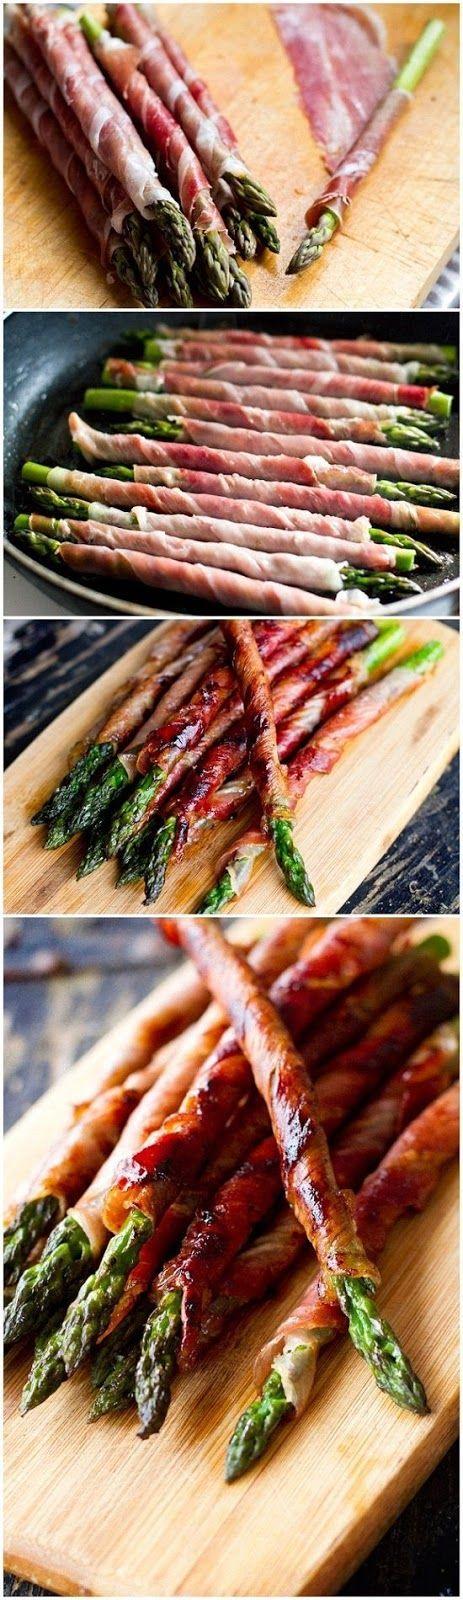 Ricette originali in una foto: asparagi grigliati in crosta di speck